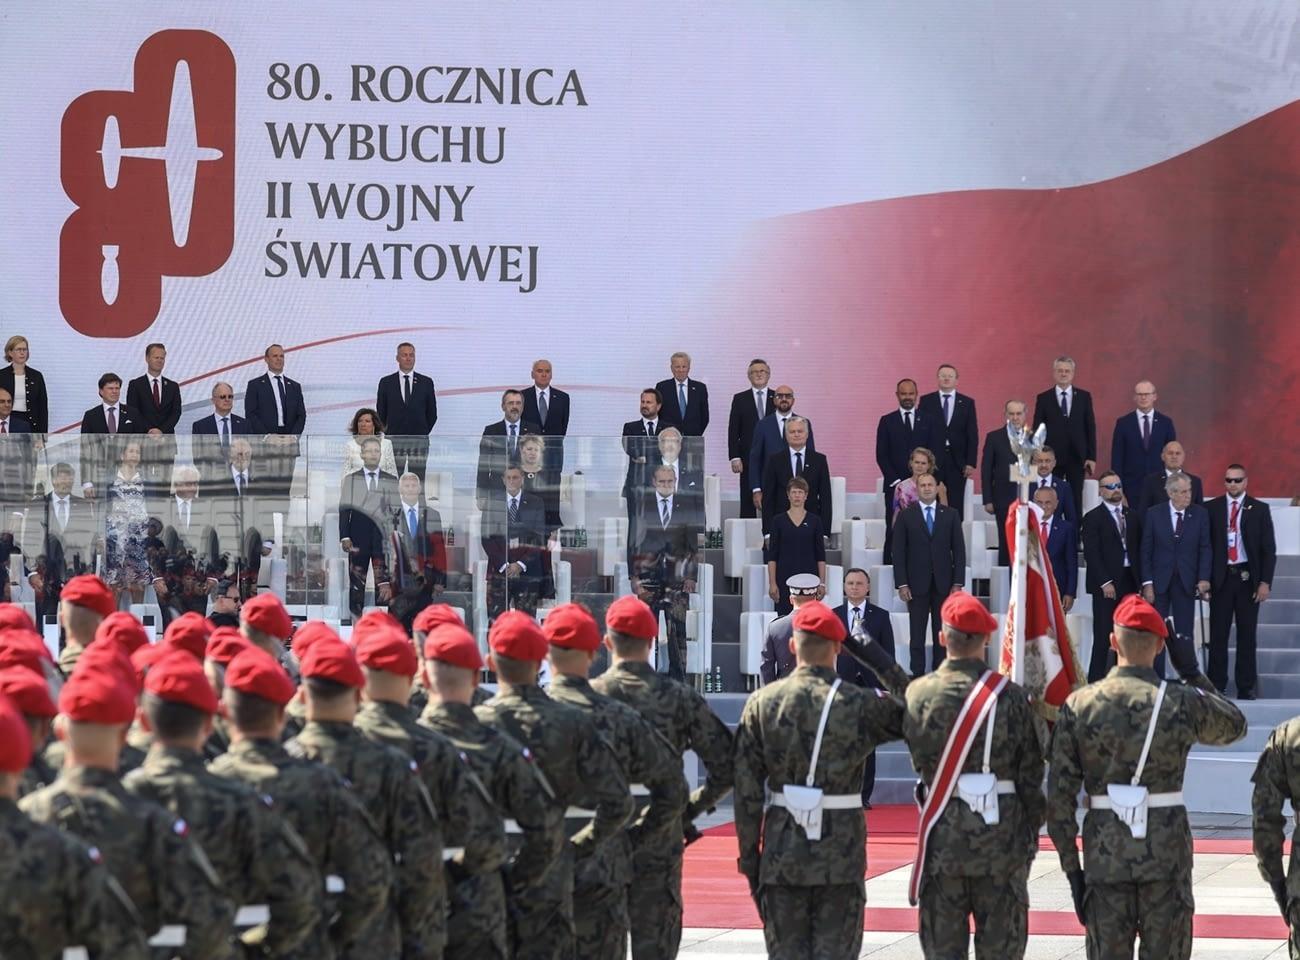 Obchody 80. rocznicy wybuchu II Wojny Światowej Brill AV Media